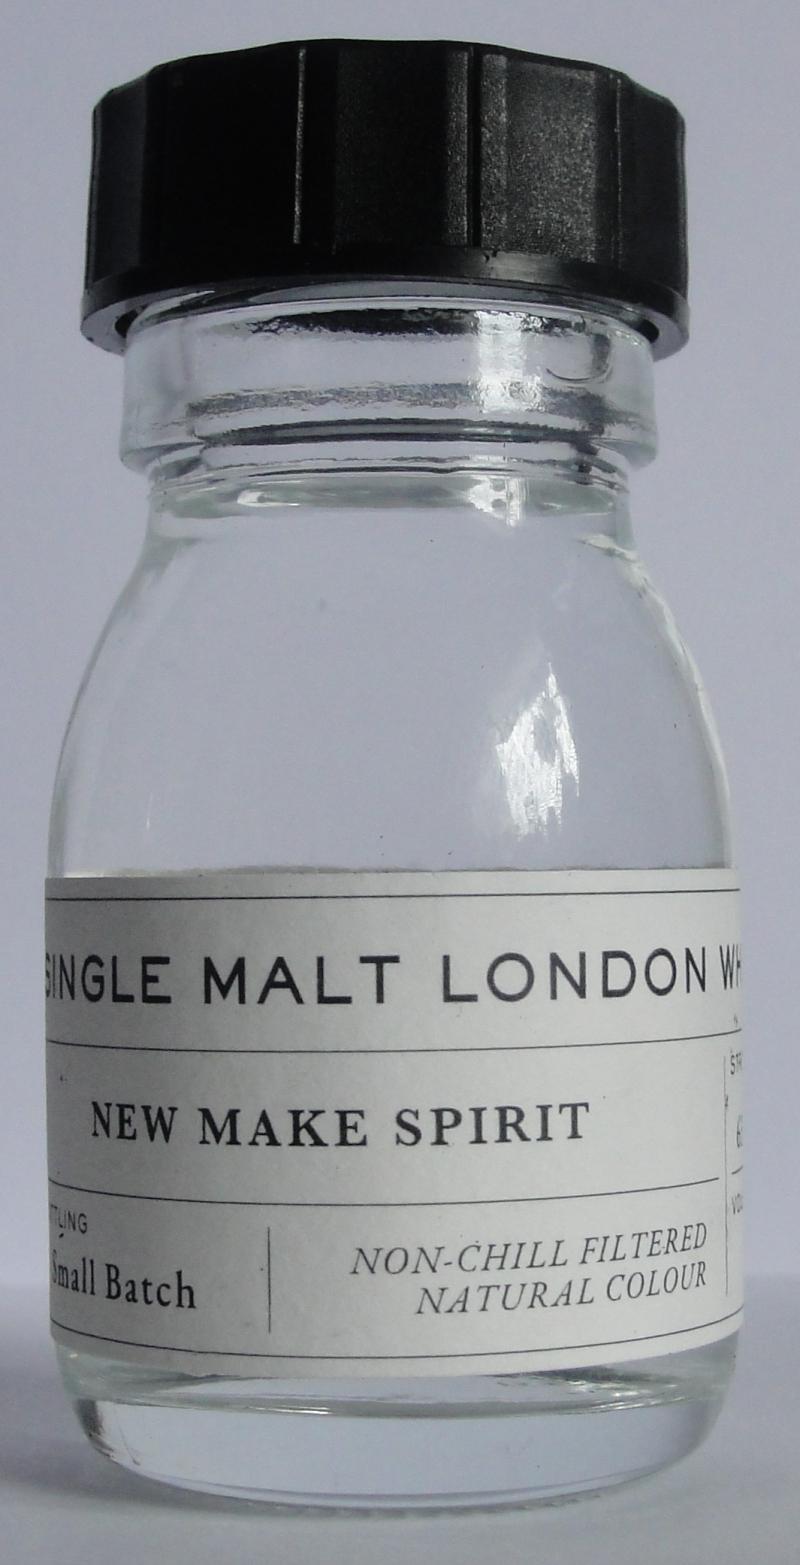 Bimber New Make Spirit